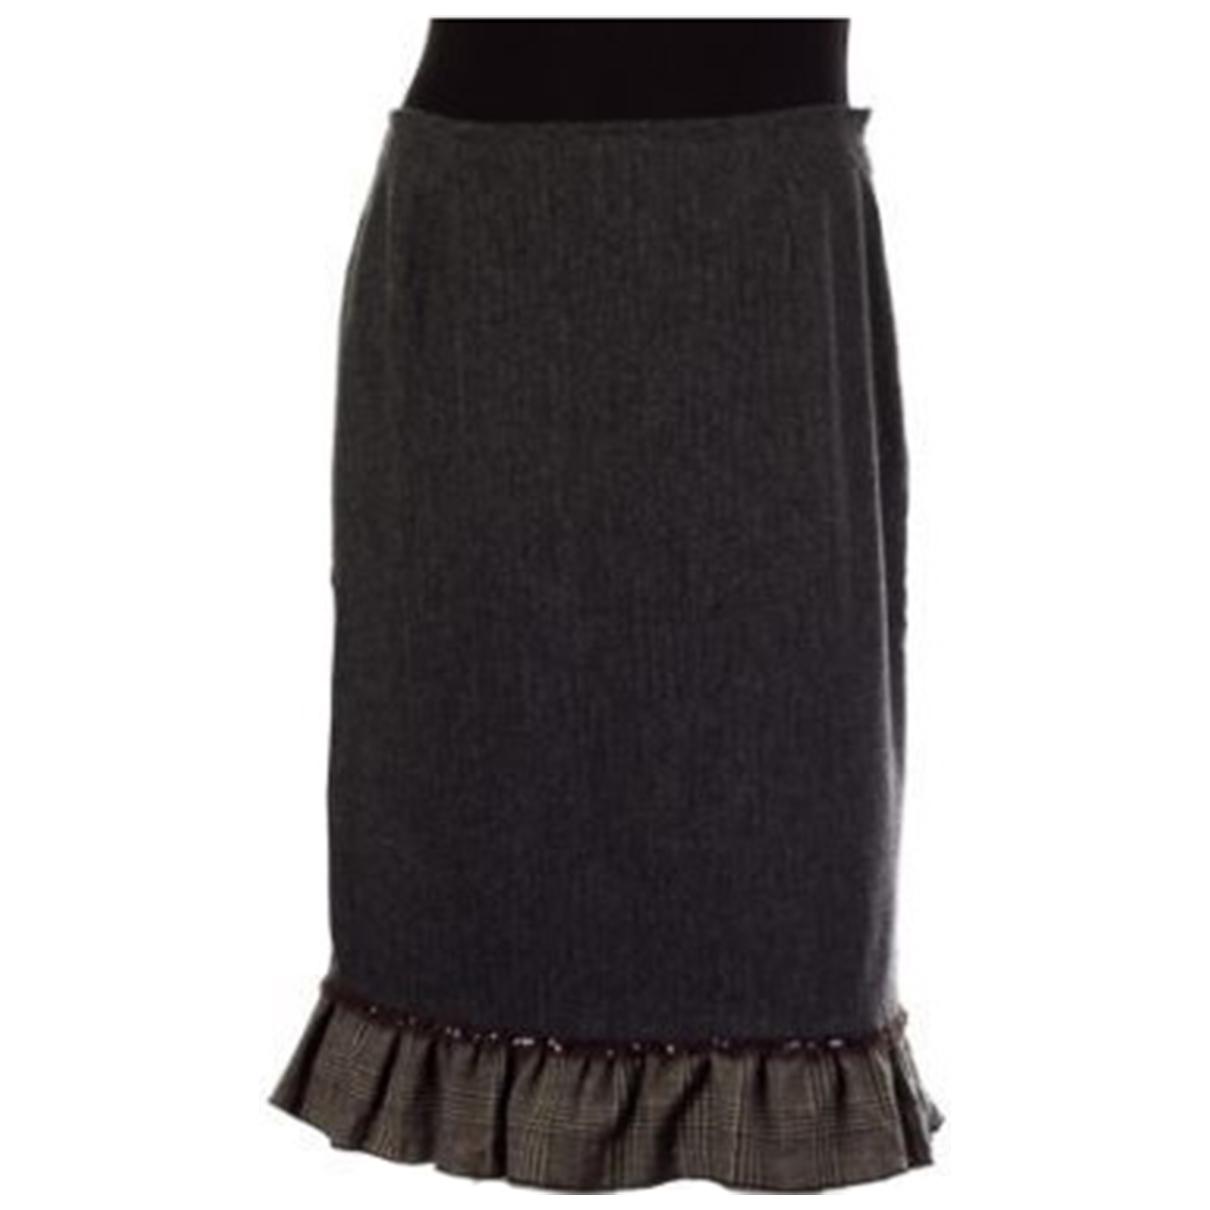 Lk Bennett - Jupe   pour femme en laine - gris